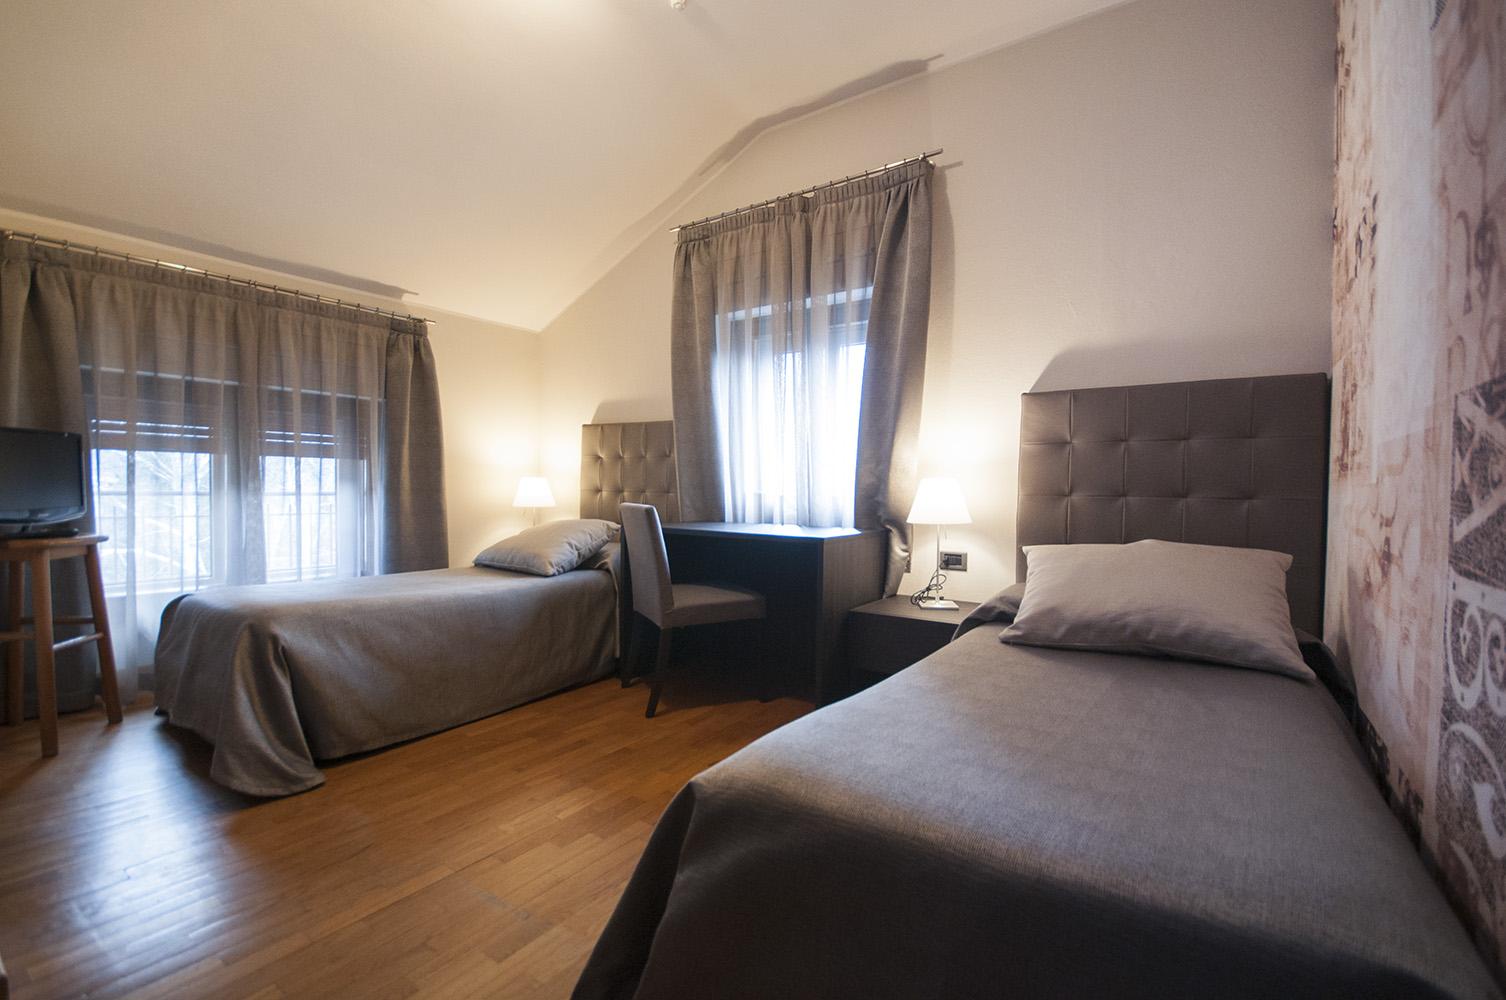 Ristorante matrimonio - camera doppia - Hotel Maloia